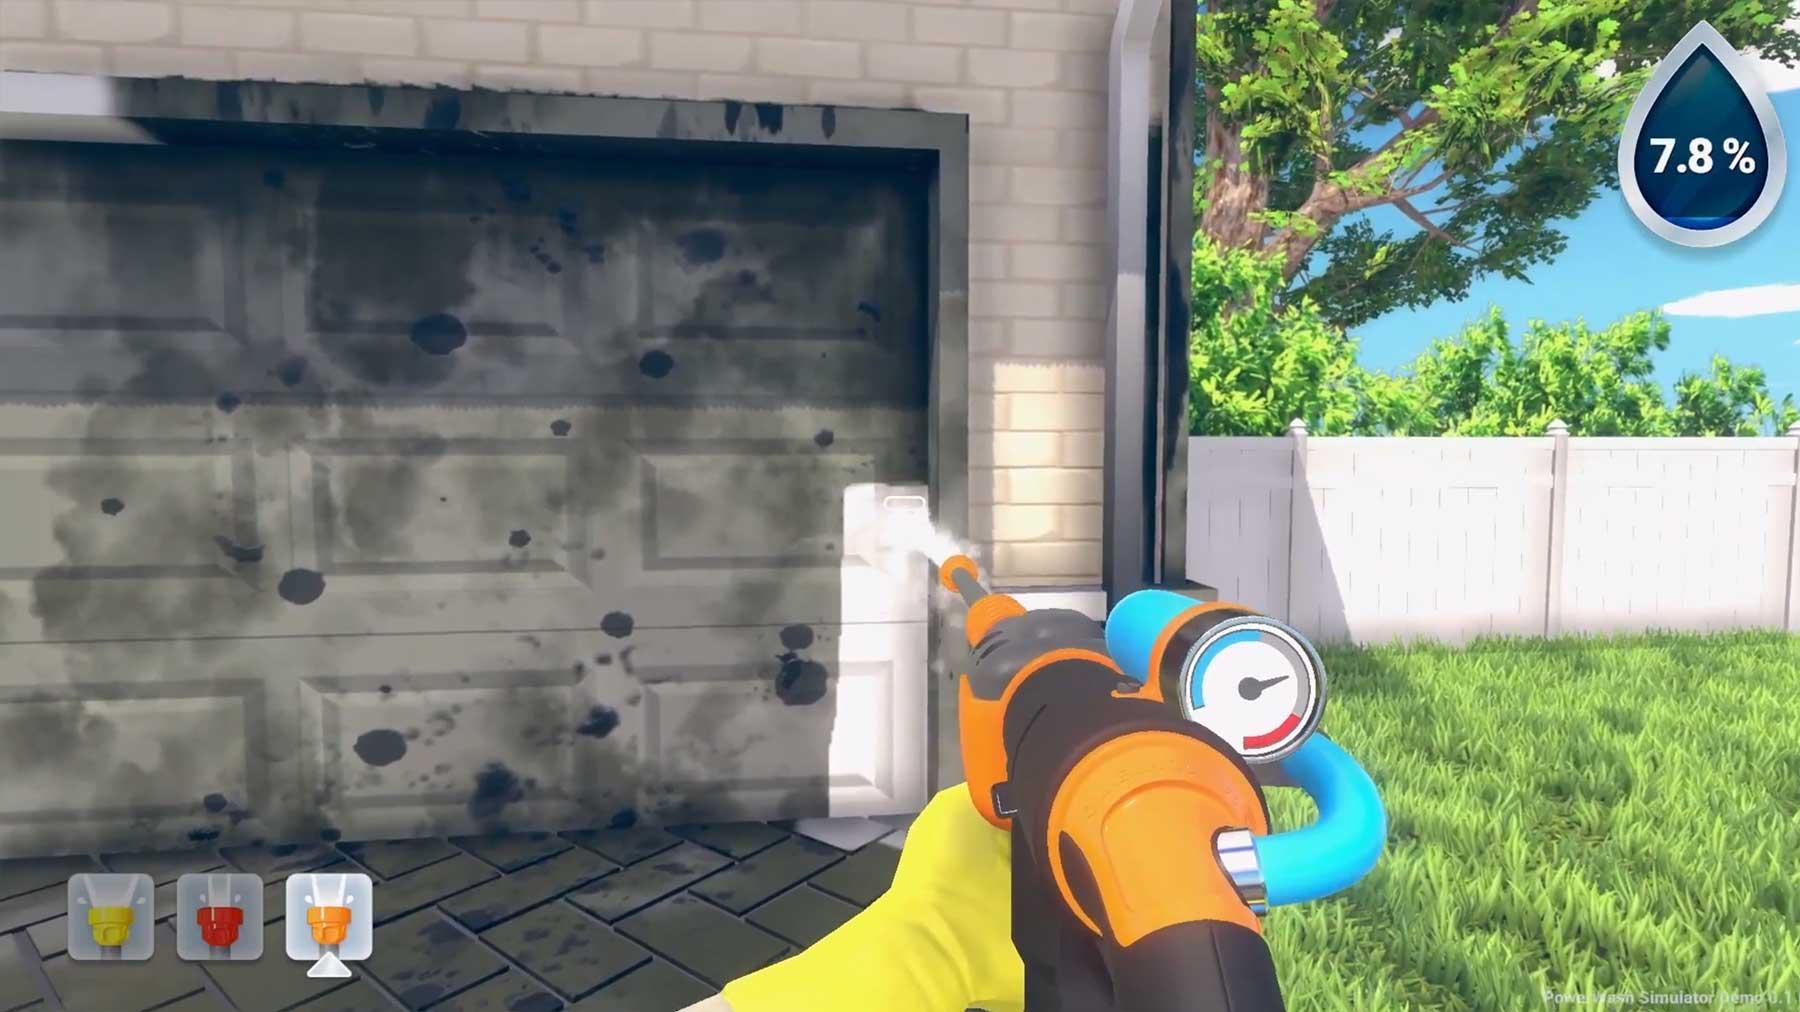 Das Hochdruckreiniger-Simulator-Videospiel